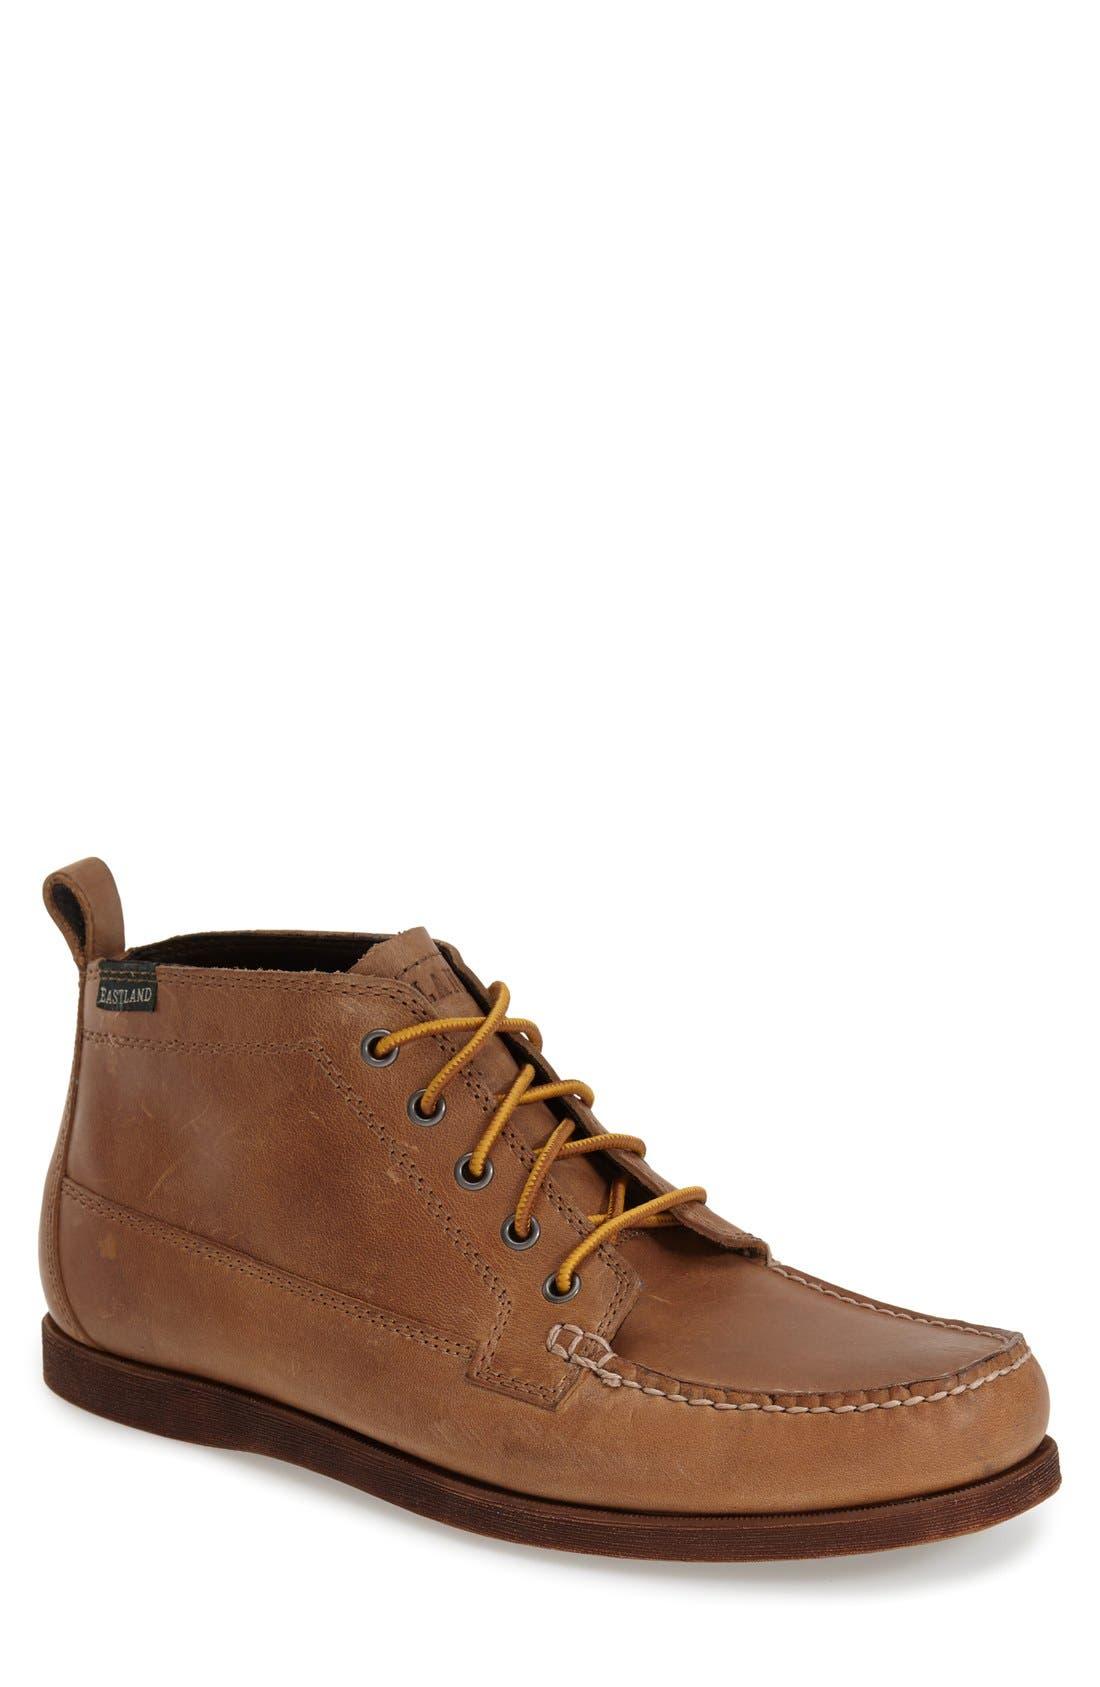 EASTLAND Seneca Moc Toe Boot